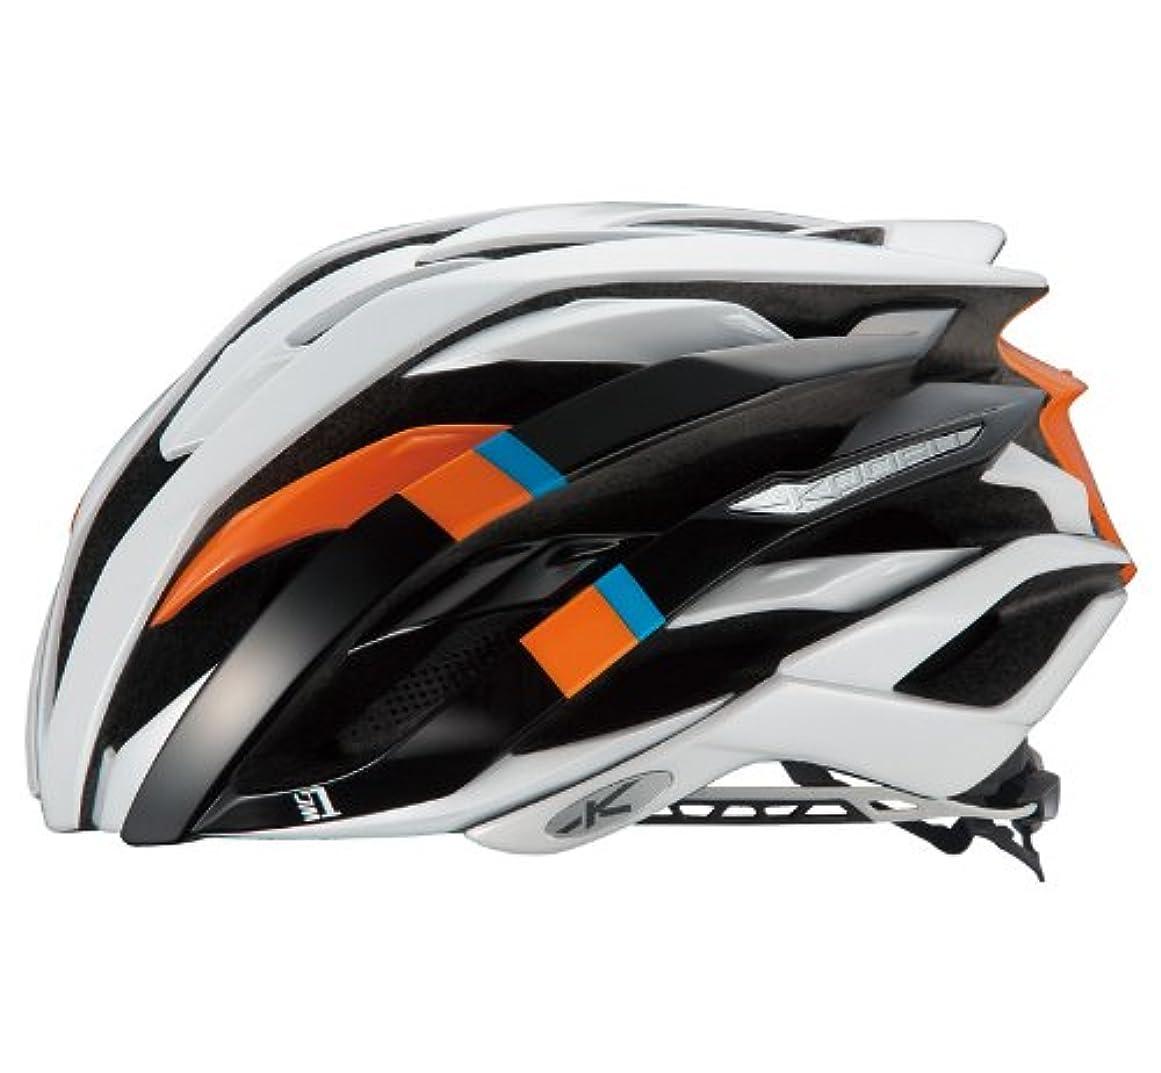 めまい学んだ市民権OGK KABUTO(オージーケーカブト) ヘルメット WG-1 マンゴオレンジ サイズ:XL/XXL